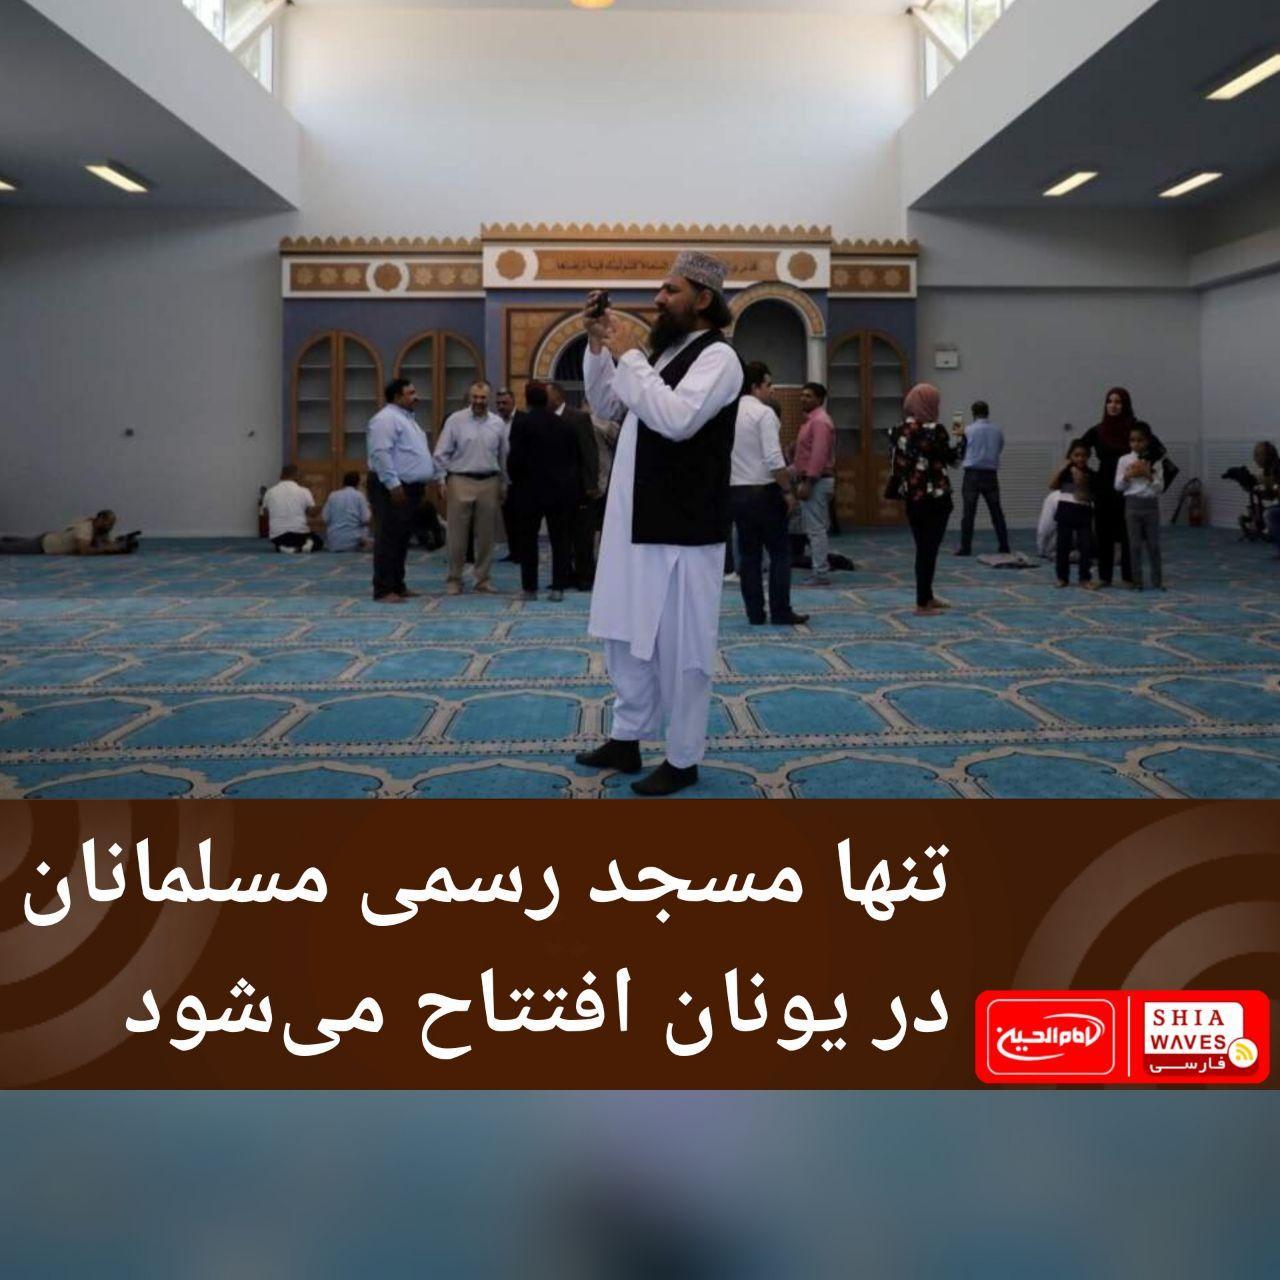 تصویر تنها مسجد رسمی مسلمانان در یونان افتتاح میشود